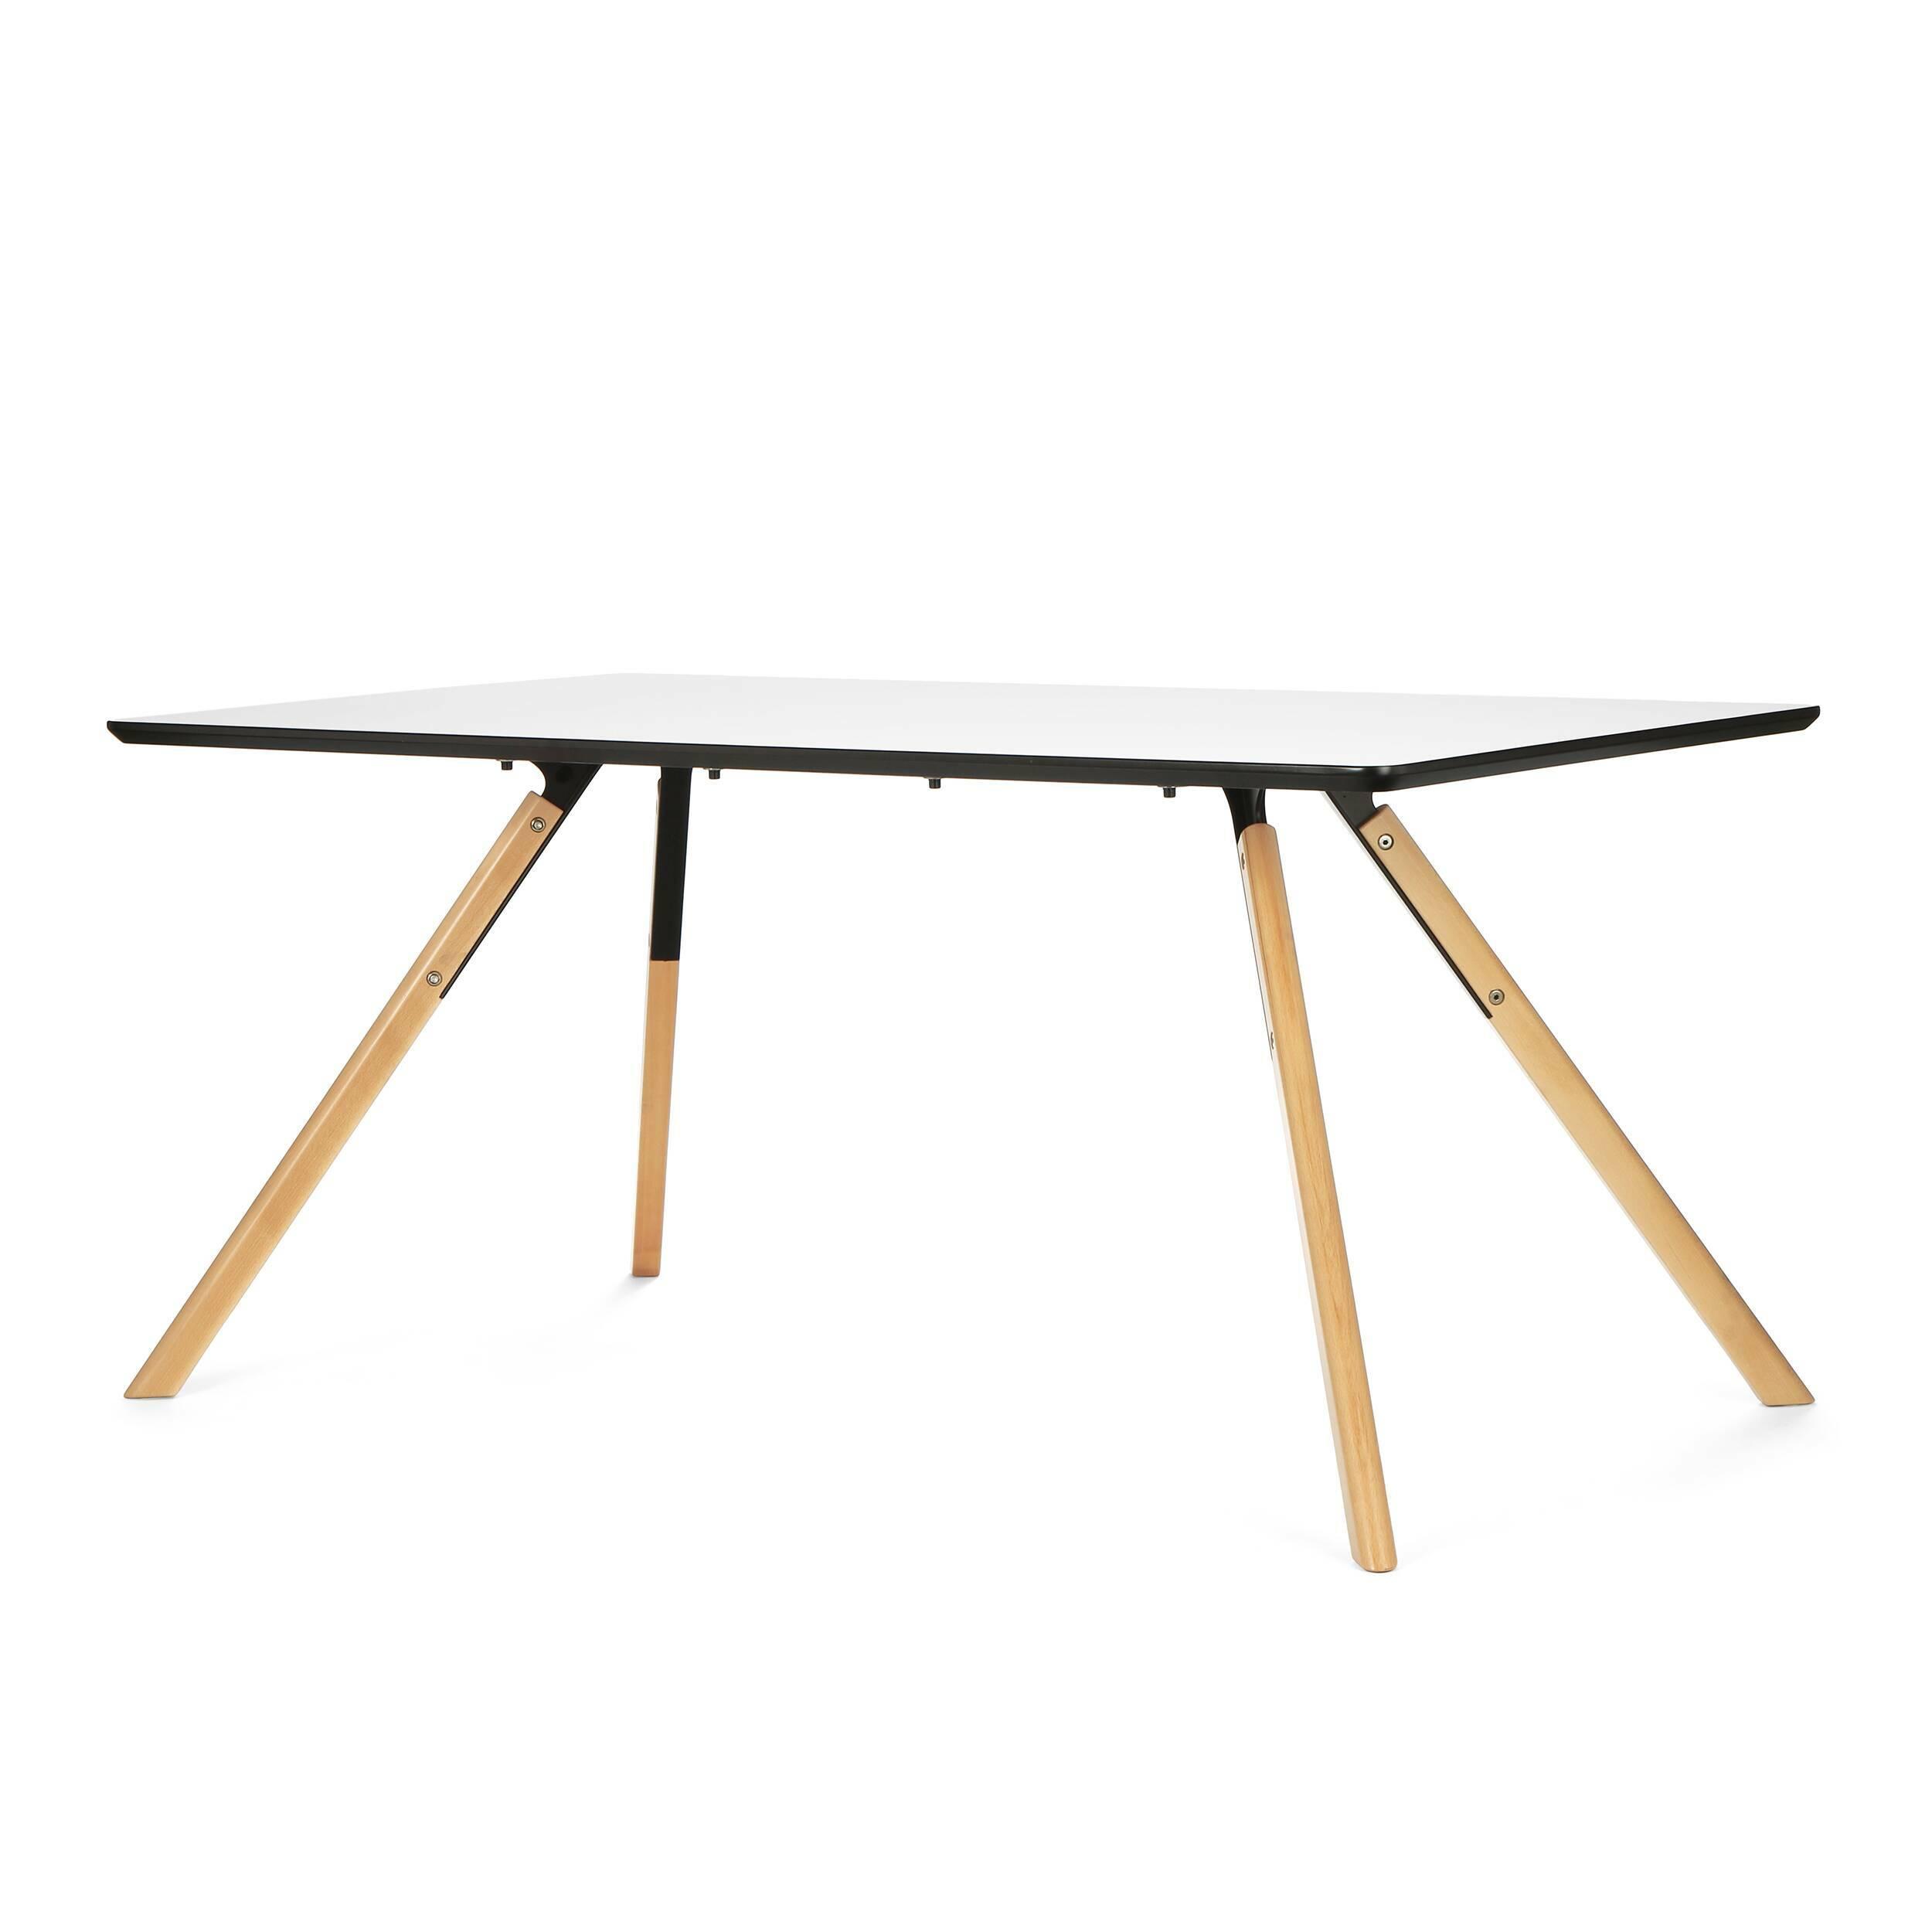 Обеденный стол Arnhem прямоугольныйОбеденные<br>Поселите в своем доме частичку дизайнерского стиля в современном ключе вместе со столом Arnhem прямоугольный. Этот стильный дизайнерский предмет интерьера поднимает понятие уюта на новый уровень. <br> <br> Конструктивизм — вот стиль, который отлично описывает данную модель стола. Каждой его детали придали правильную геометрическую форму, что является обязательным атрибутом названного направления. Между тем конструктивизм любит холодные и монохромные цветовые гаммы, среди которых есть и белые тона...<br><br>stock: 0<br>Высота: 73<br>Ширина: 90<br>Длина: 160<br>Цвет ножек: Светло-коричневый<br>Цвет столешницы: Белый<br>Материал ножек: Массив бука<br>Тип материала столешницы: МДФ<br>Тип материала ножек: Дерево